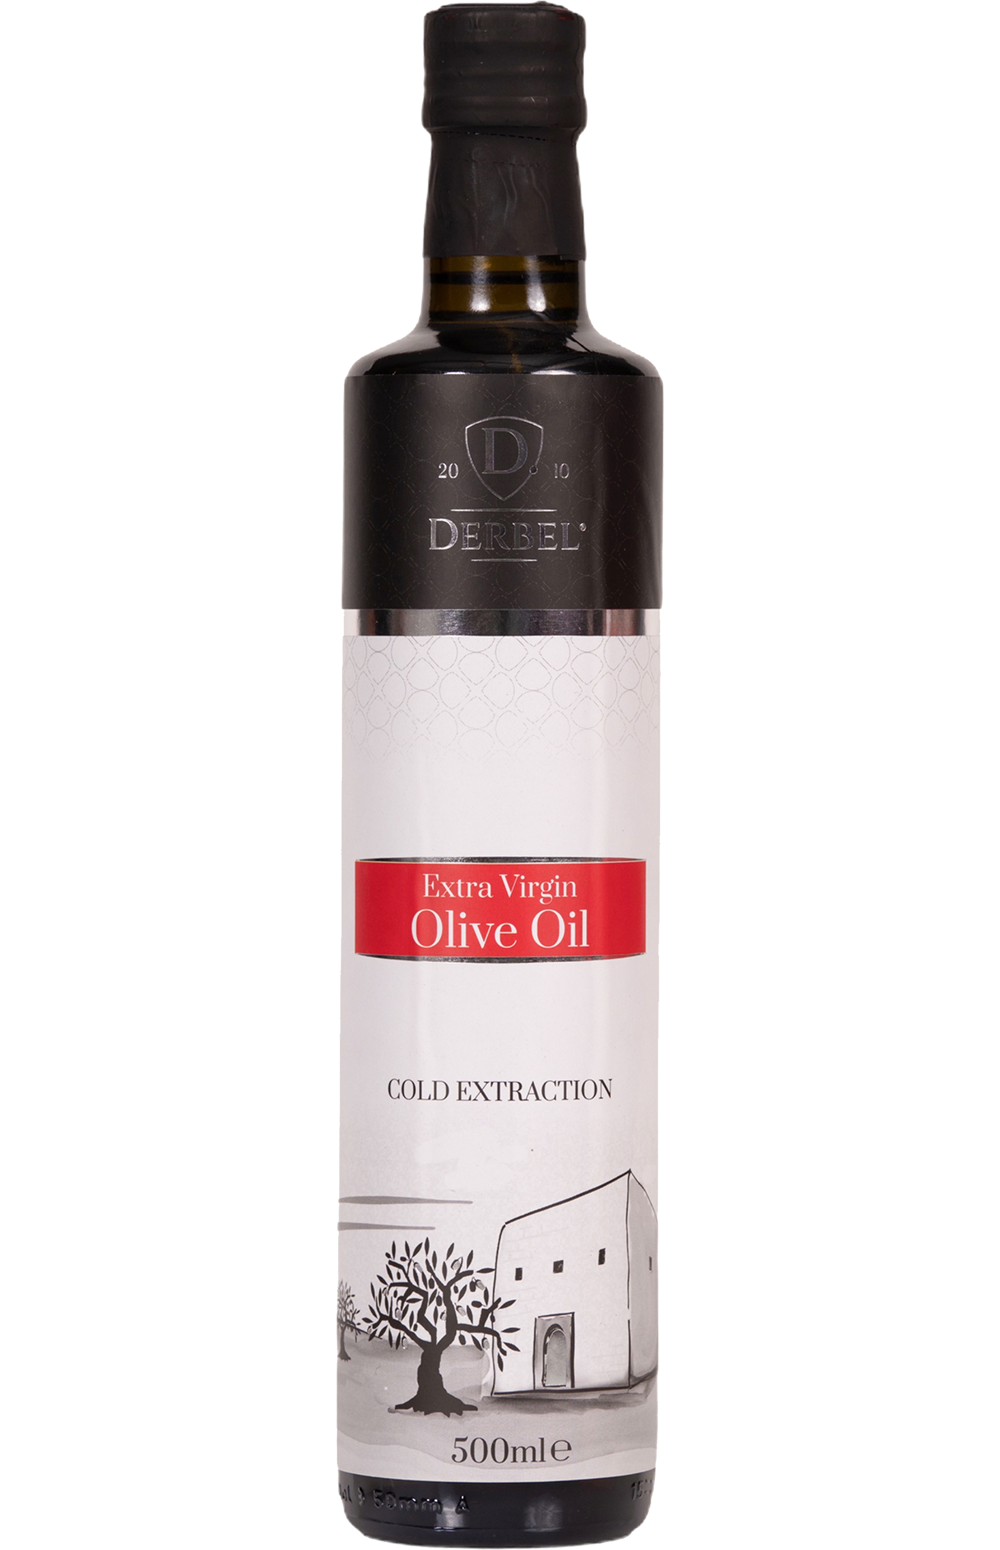 Derbel Olive Oil